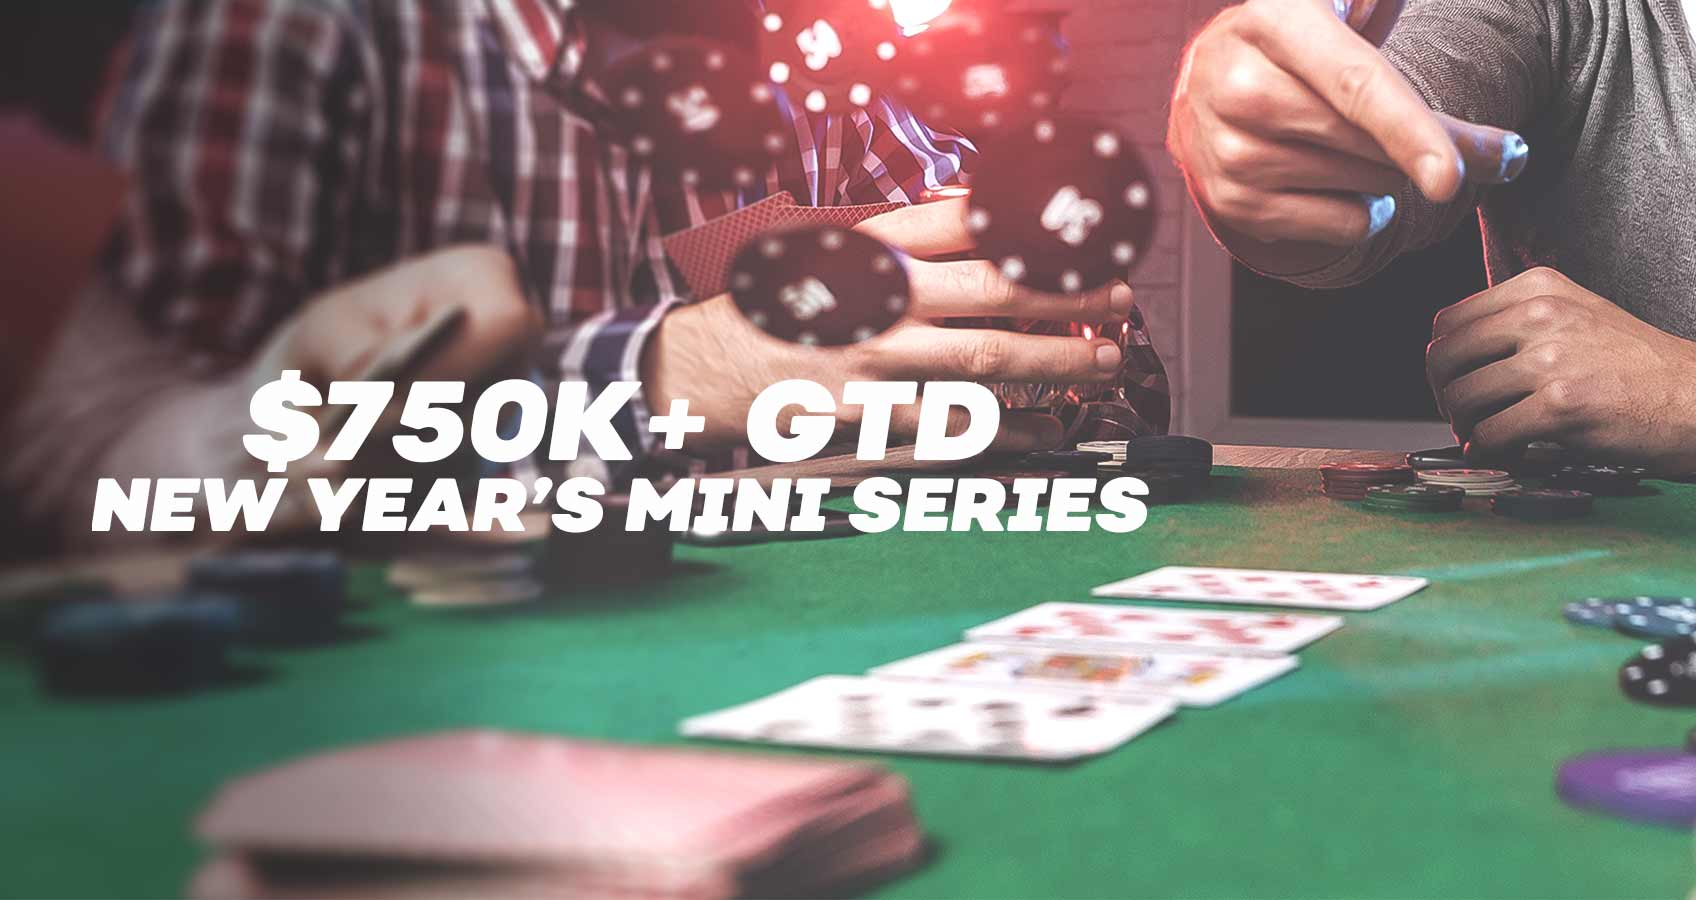 Rdr online blackjack